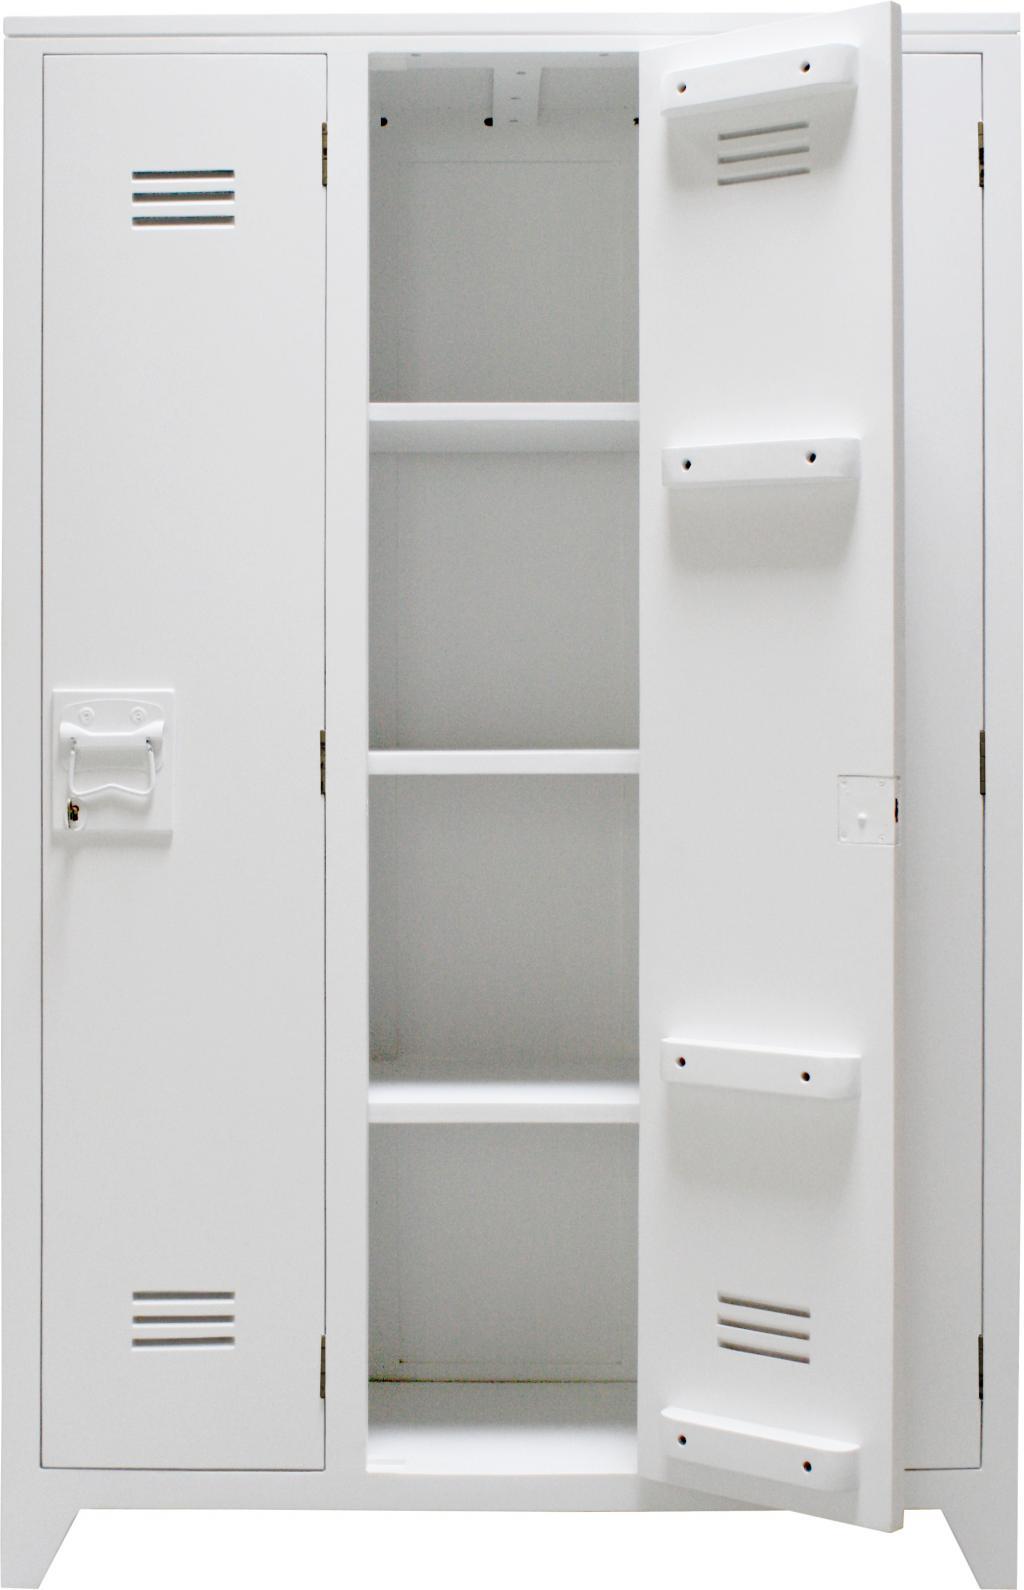 HK Living Spindschrank Locker Holz Weiß - Designwohnen.de